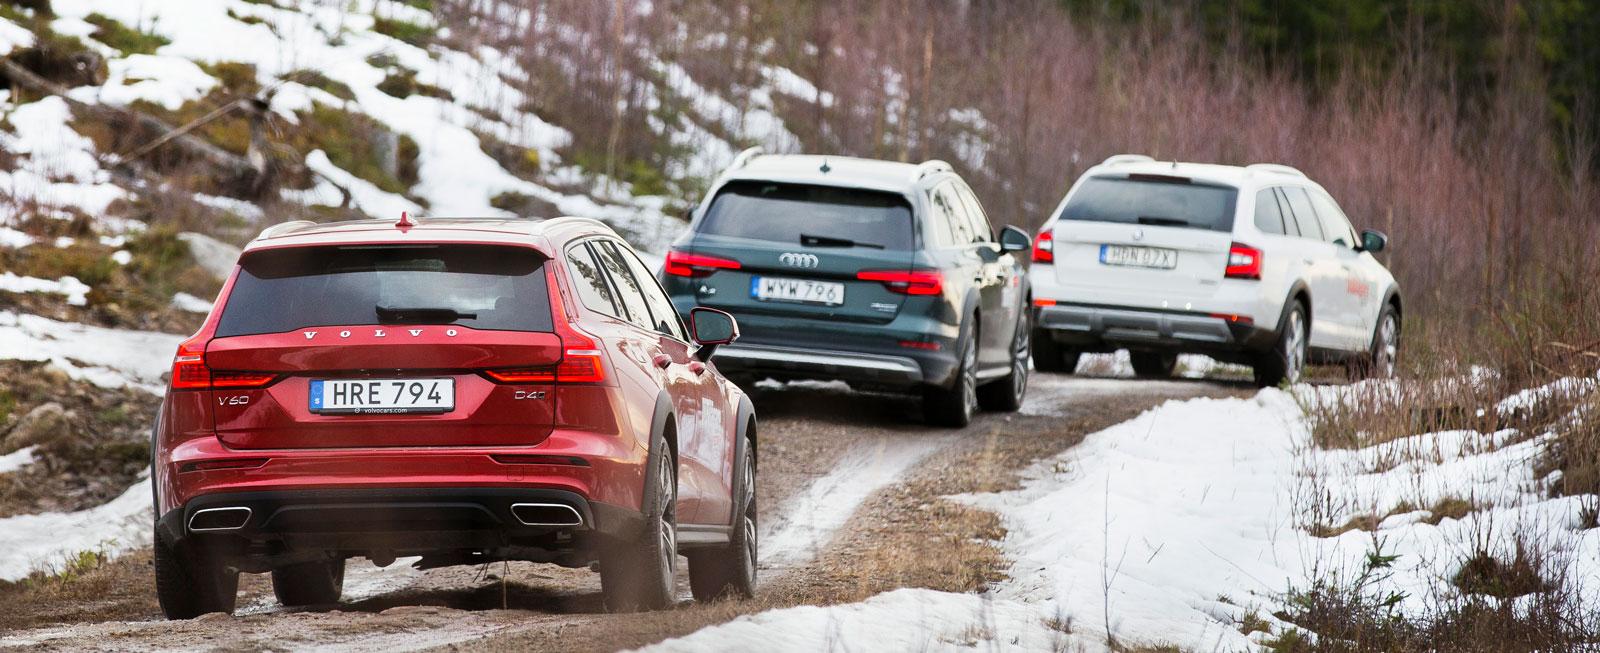 Vägen uppför Värmulls-åsen utanför Hagfors huserade Svenska Rallyt veckan innan testbilarna provade lyckan i leran.